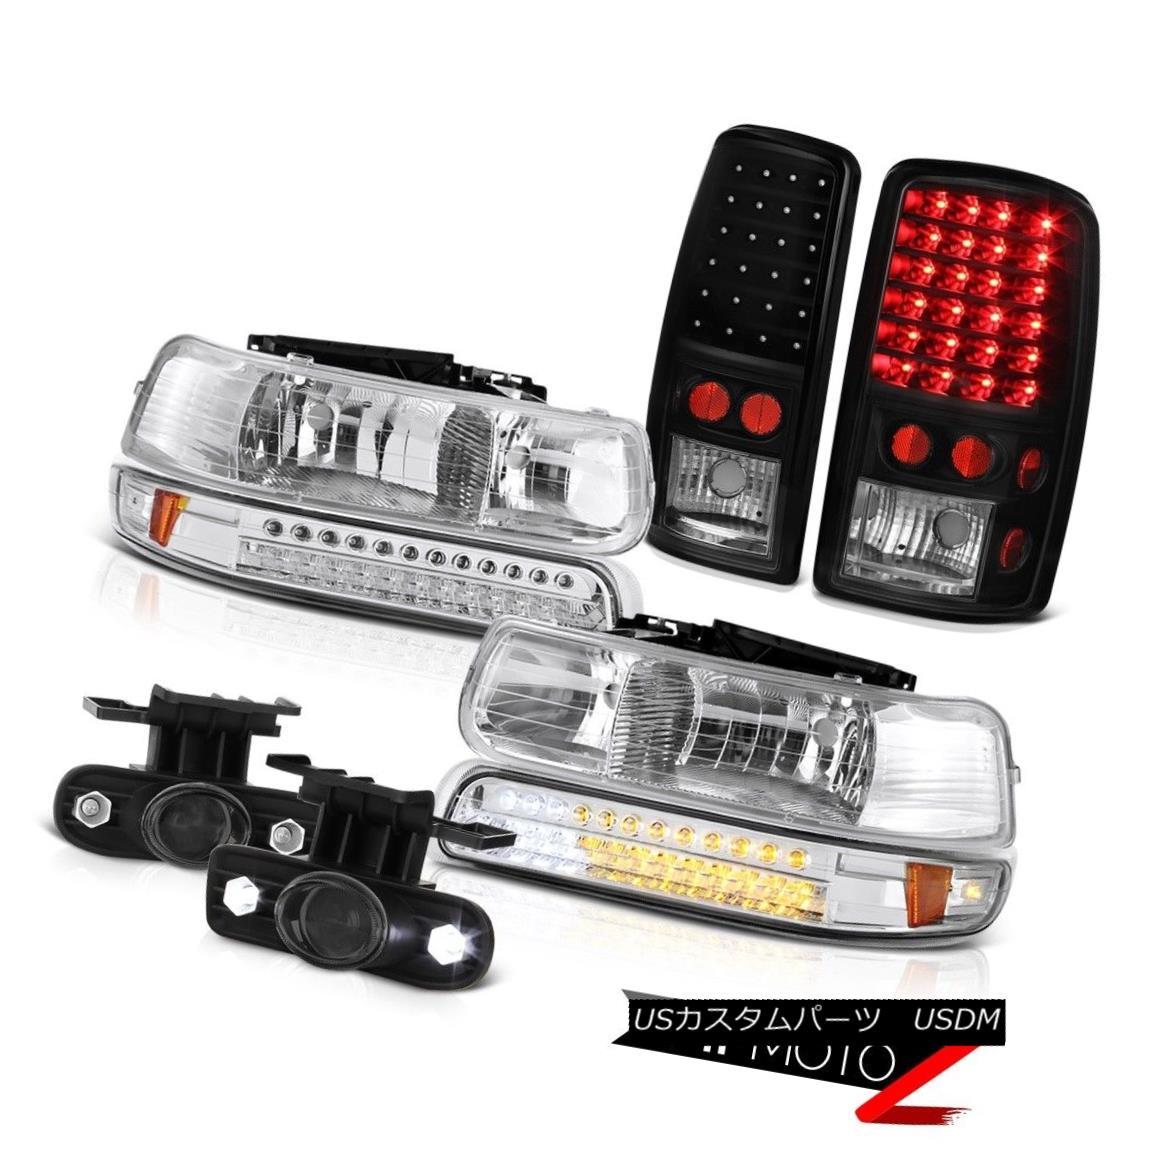 ヘッドライト 2000-2006 Chevy Tahoe Euro LED Chrome Headlights SMD Brake Tail Lights Glass Fog 2000-2006シボレータホユーロLEDクロームヘッドライトSMDブレーキテールライトグラスフォグ